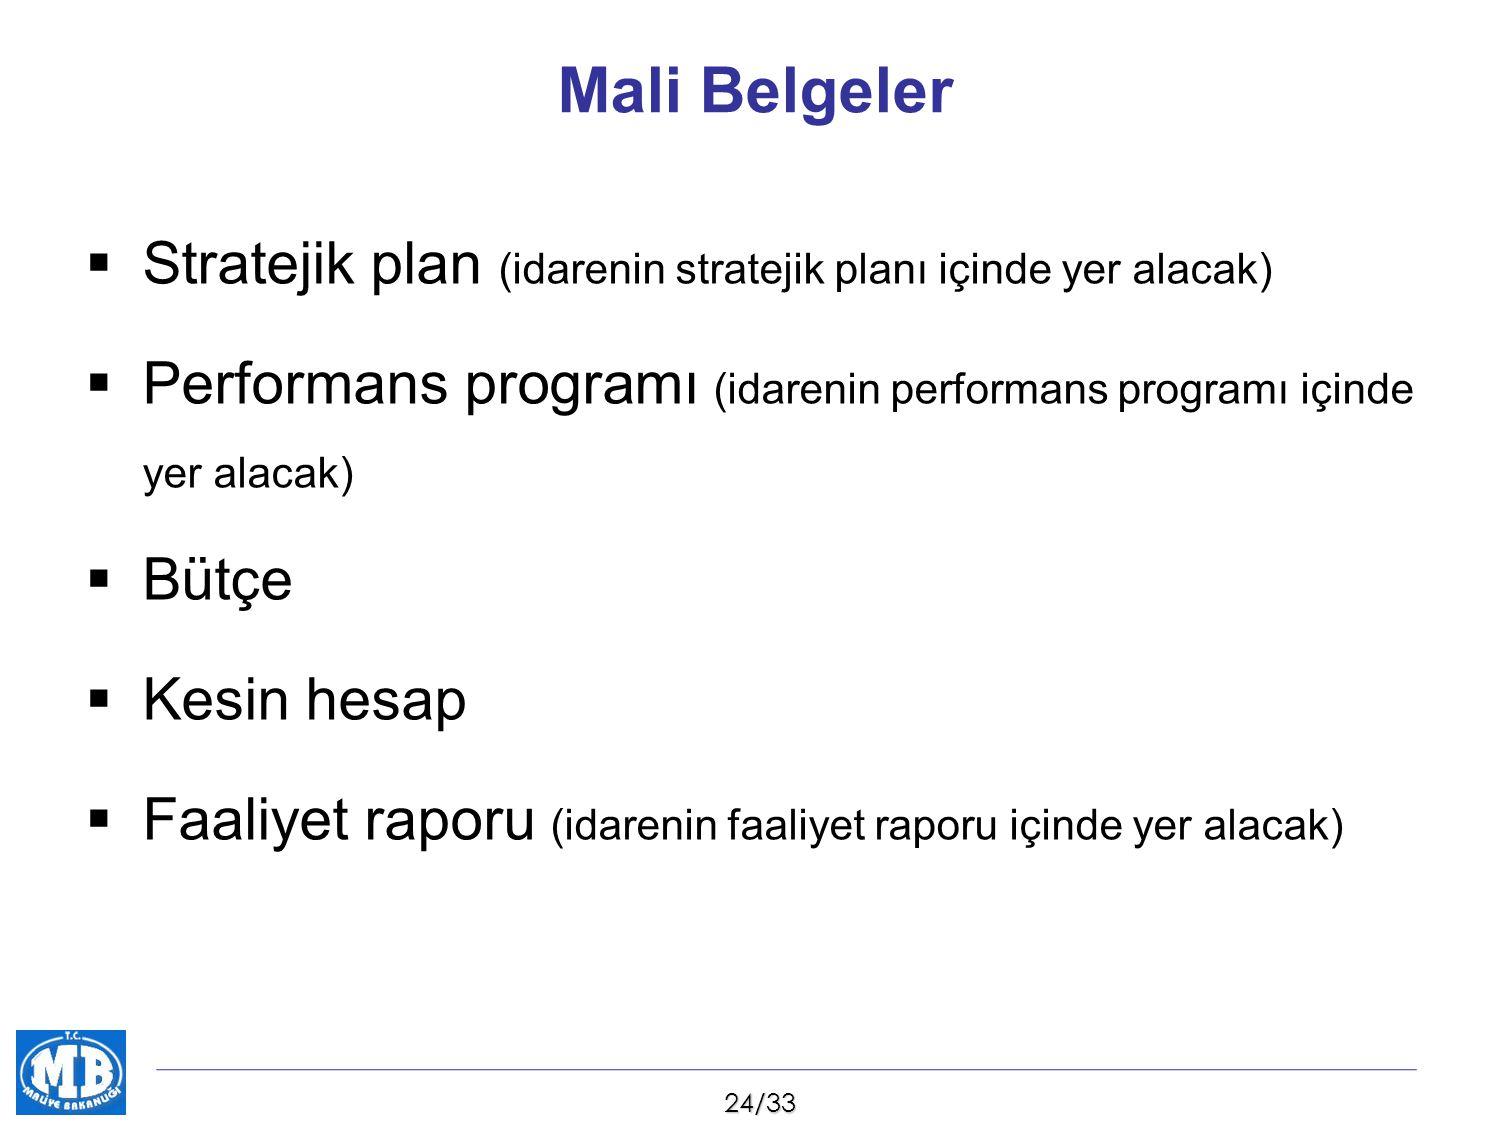 Mali Belgeler Stratejik plan (idarenin stratejik planı içinde yer alacak) Performans programı (idarenin performans programı içinde yer alacak)